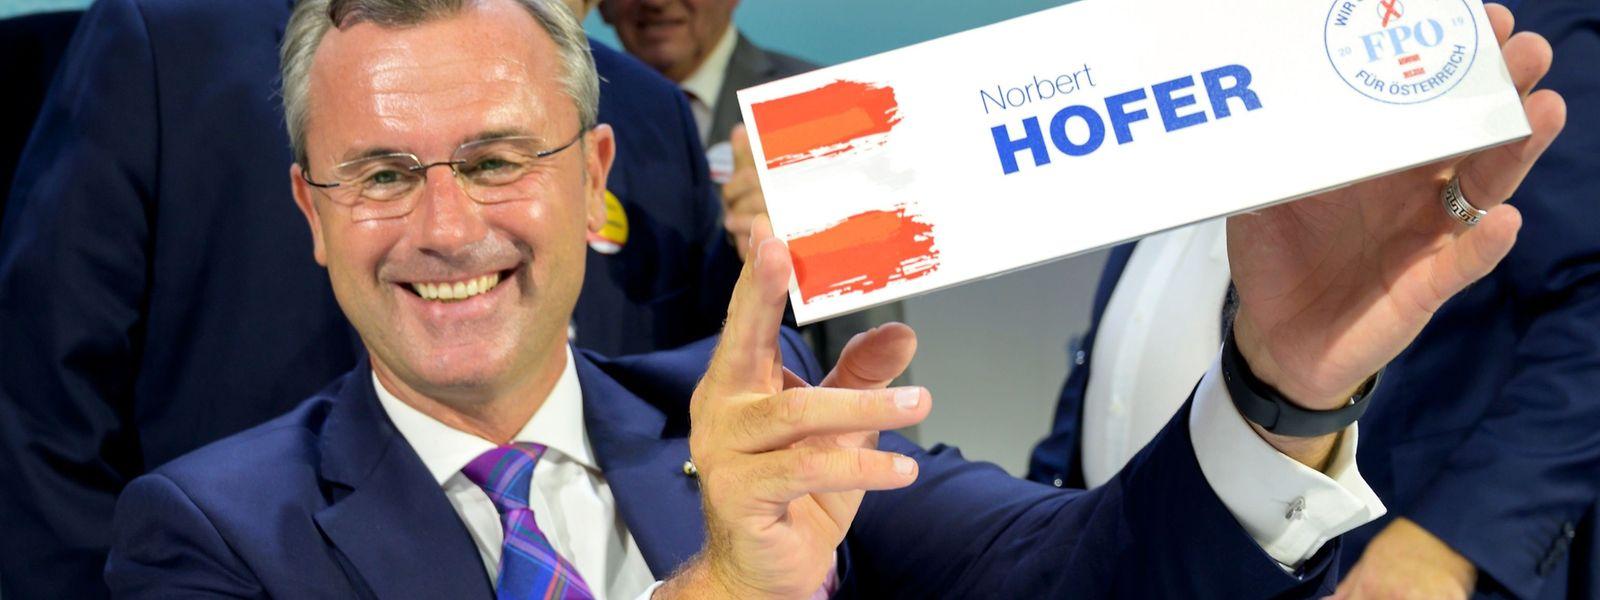 Norbert Hofer übernimmt den Vorsitz von Heinz-Christian Strache.